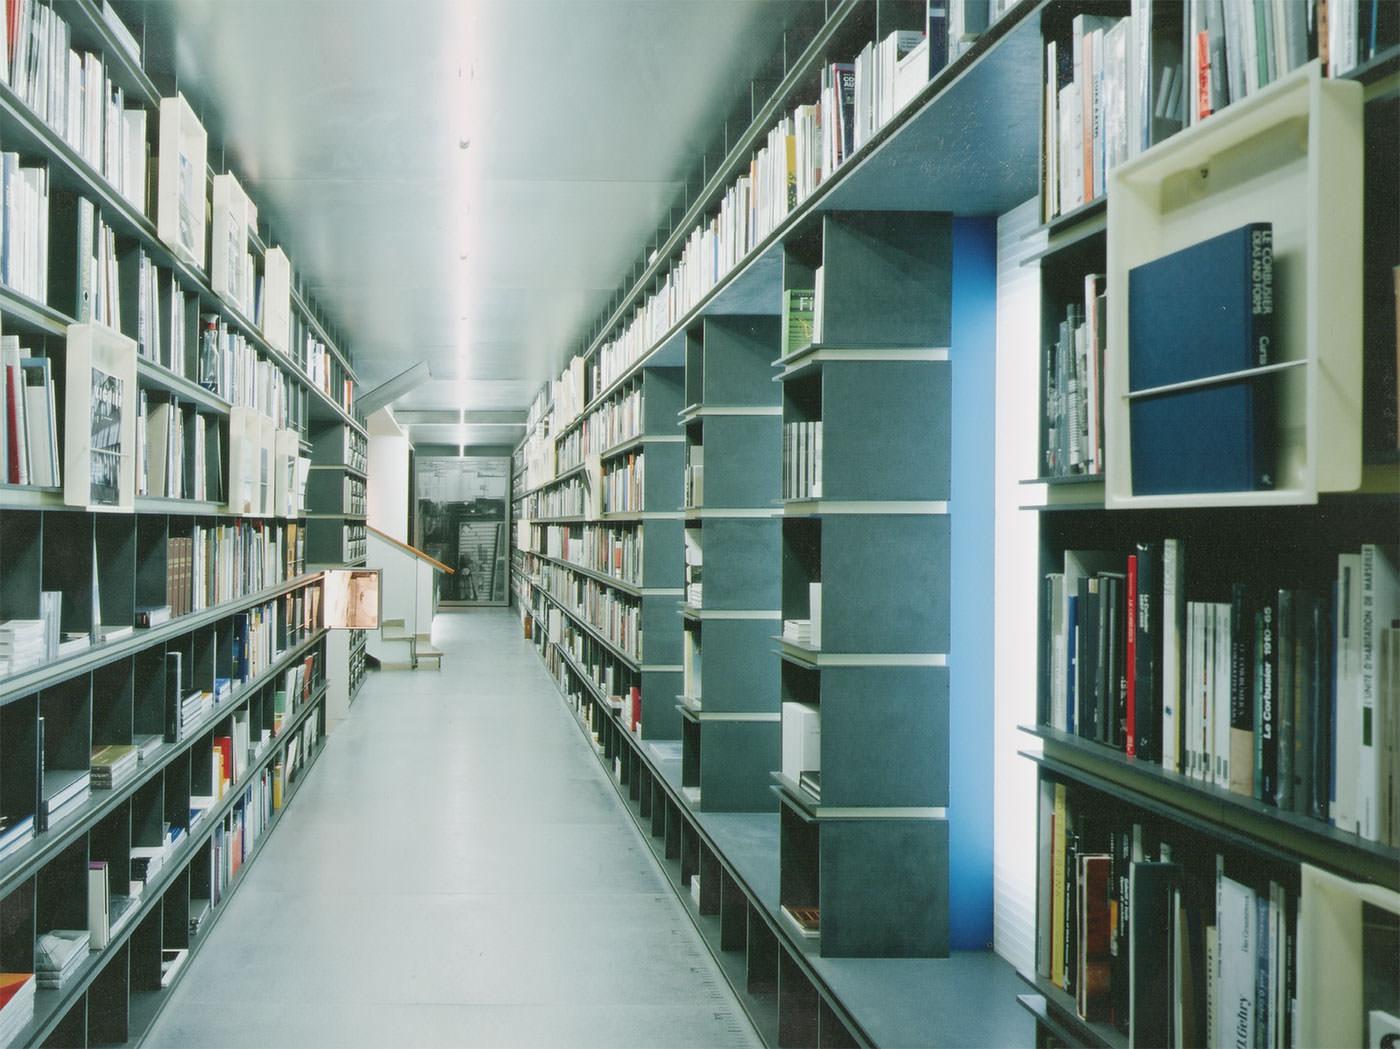 Buchhandlung limacher k nigsbau stuttgart schmutz partner freie architekten innenarchitekten - Innenarchitekten stuttgart ...